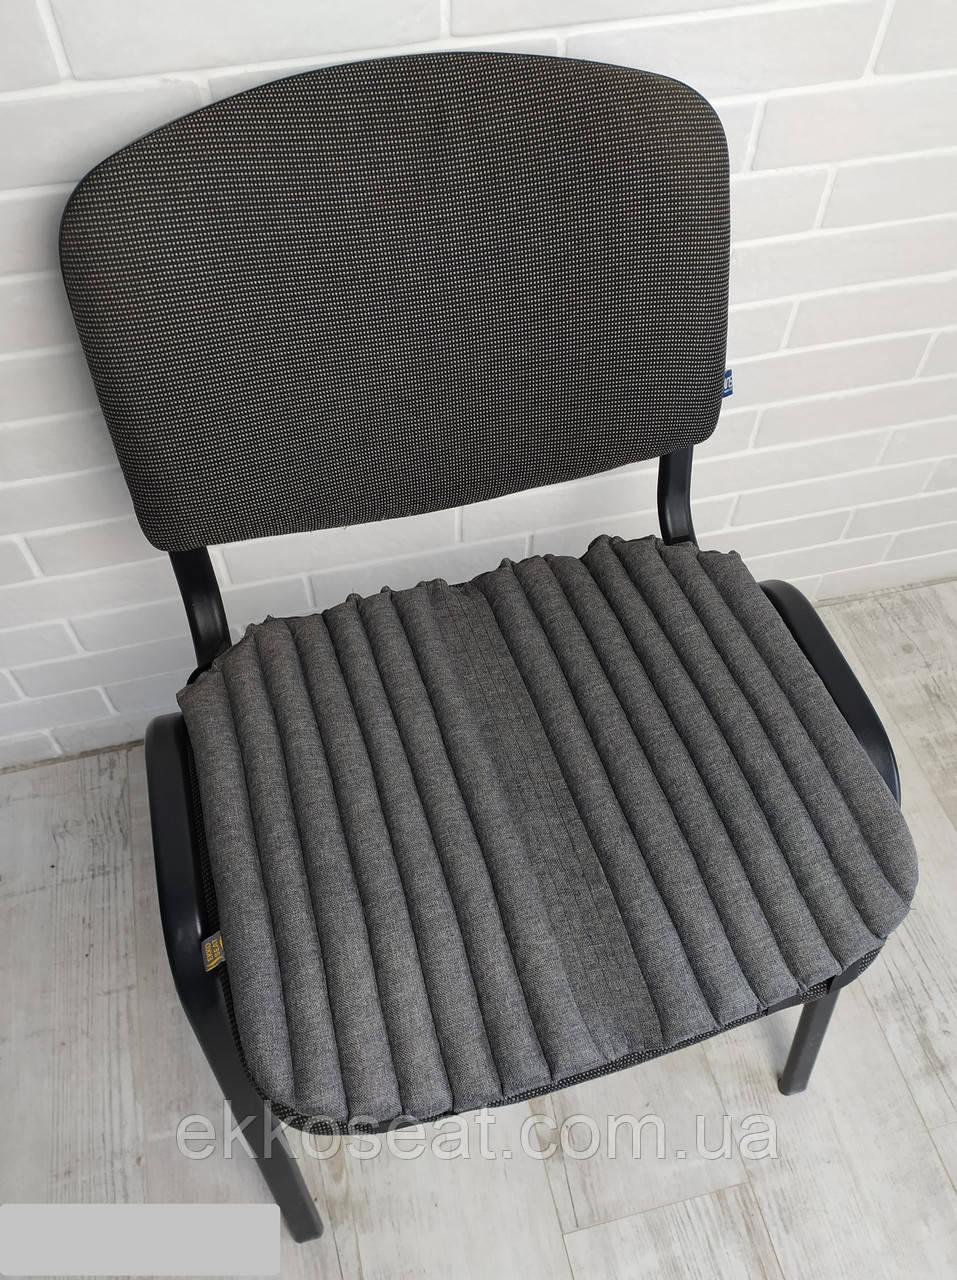 Подушка ортопедическая для копчика при сидении на стуле. EKKOSEAT.